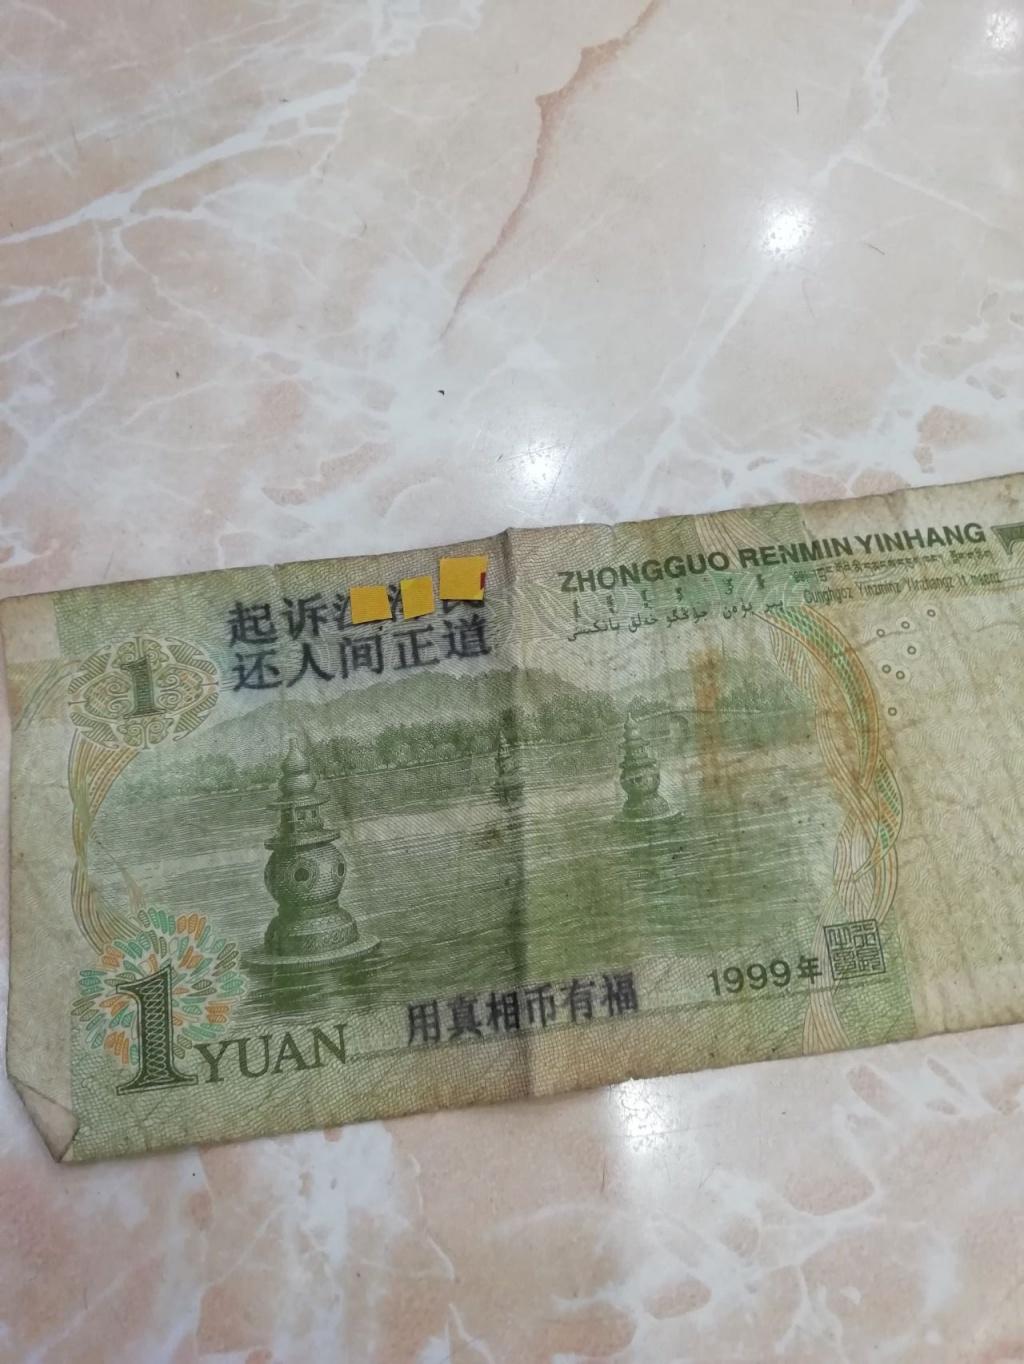 谁在故意损坏人民币-红豆社区